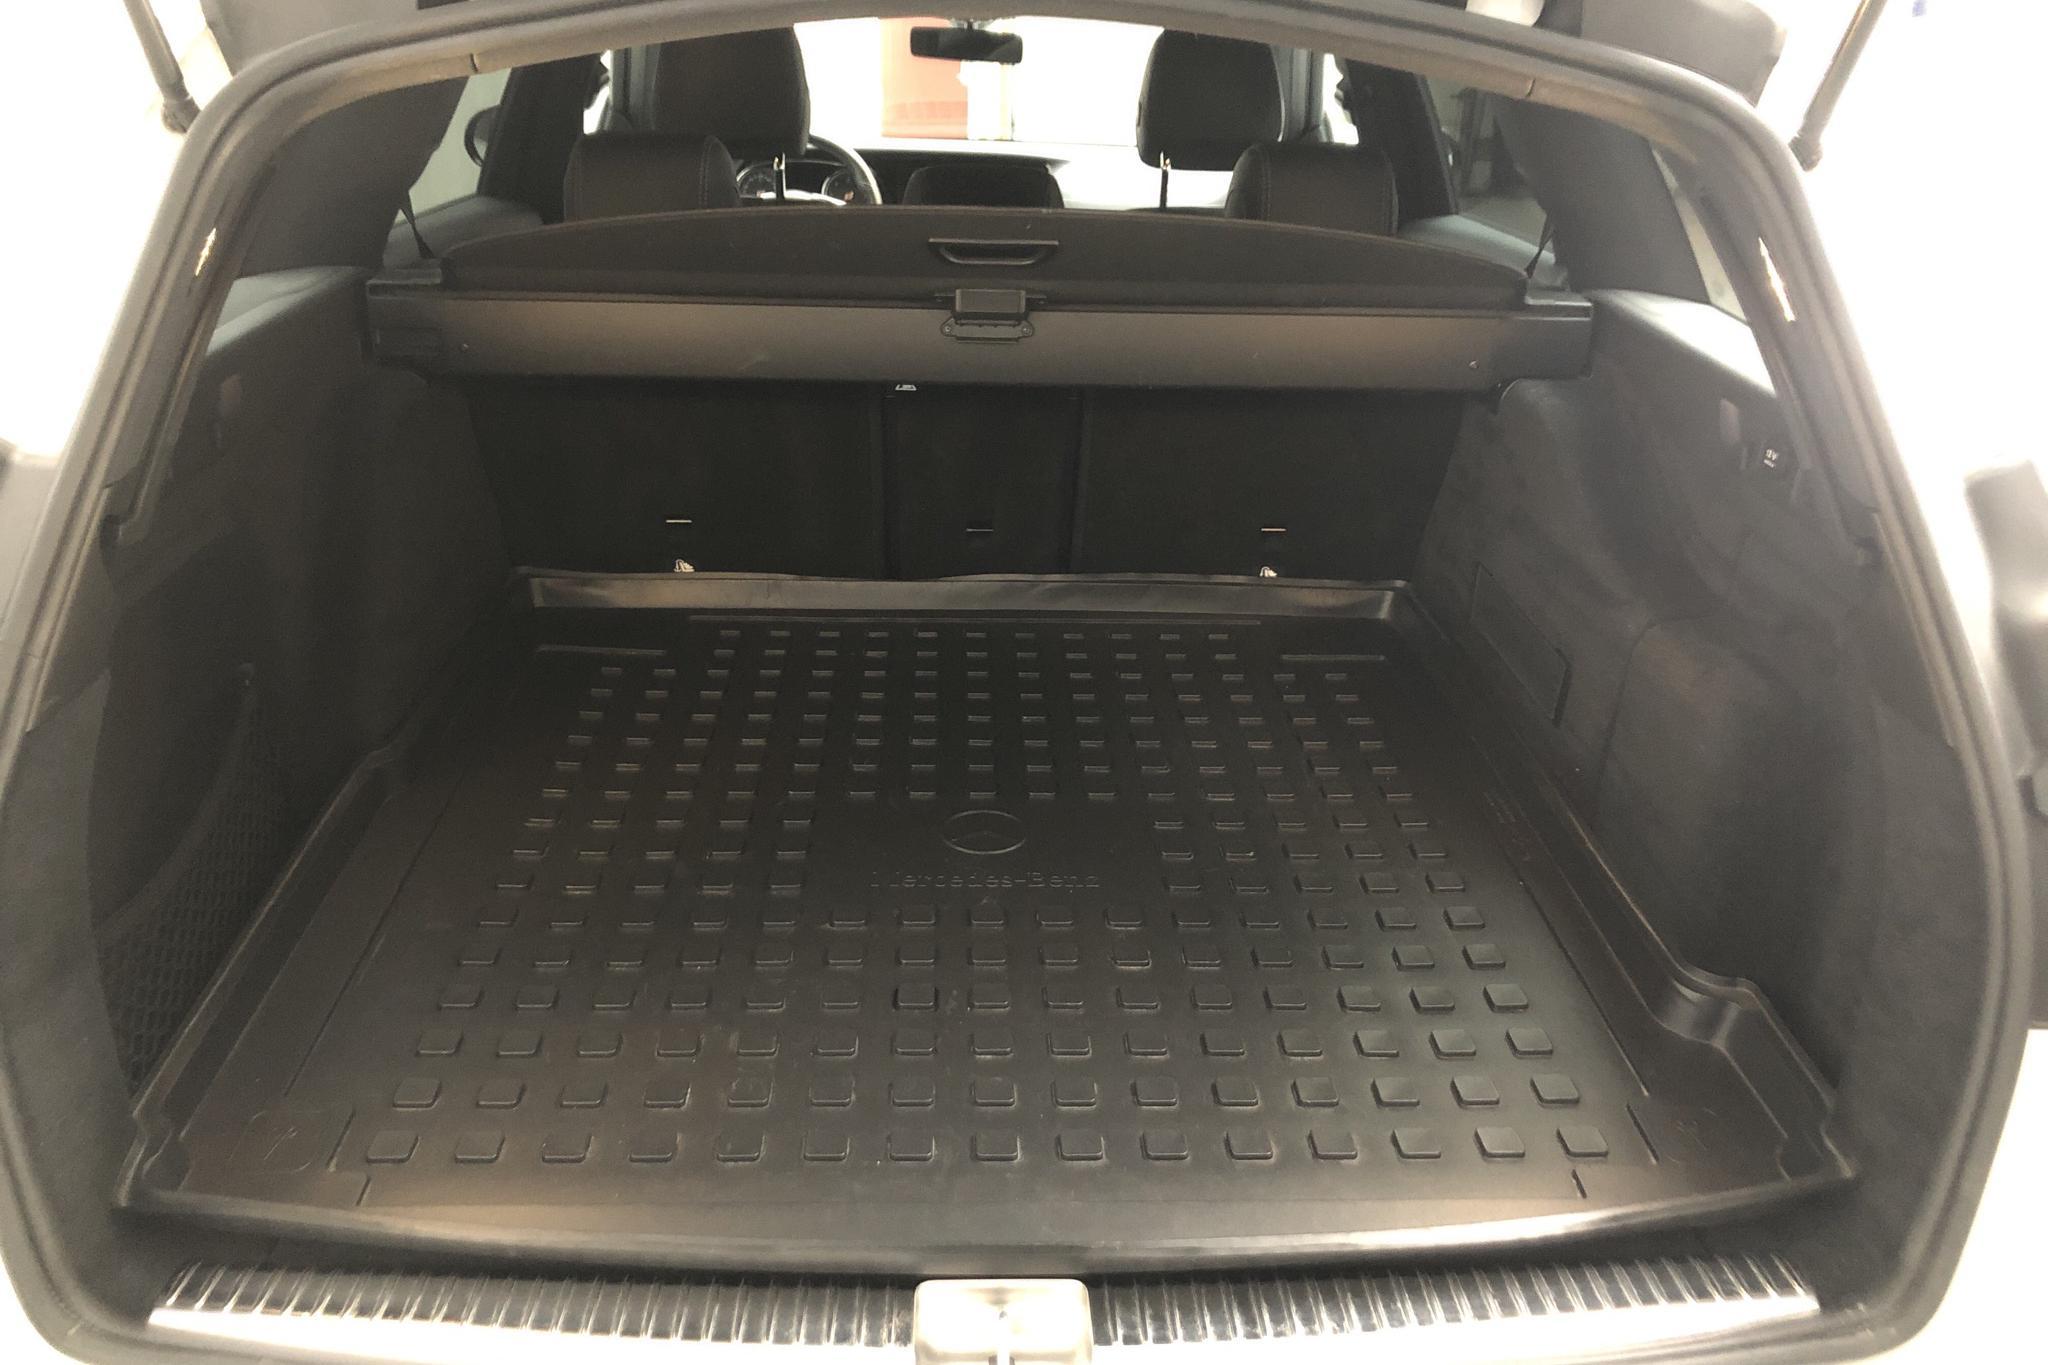 Mercedes E 220 d Kombi S213 (194hk) - 98 520 km - Automatic - white - 2018